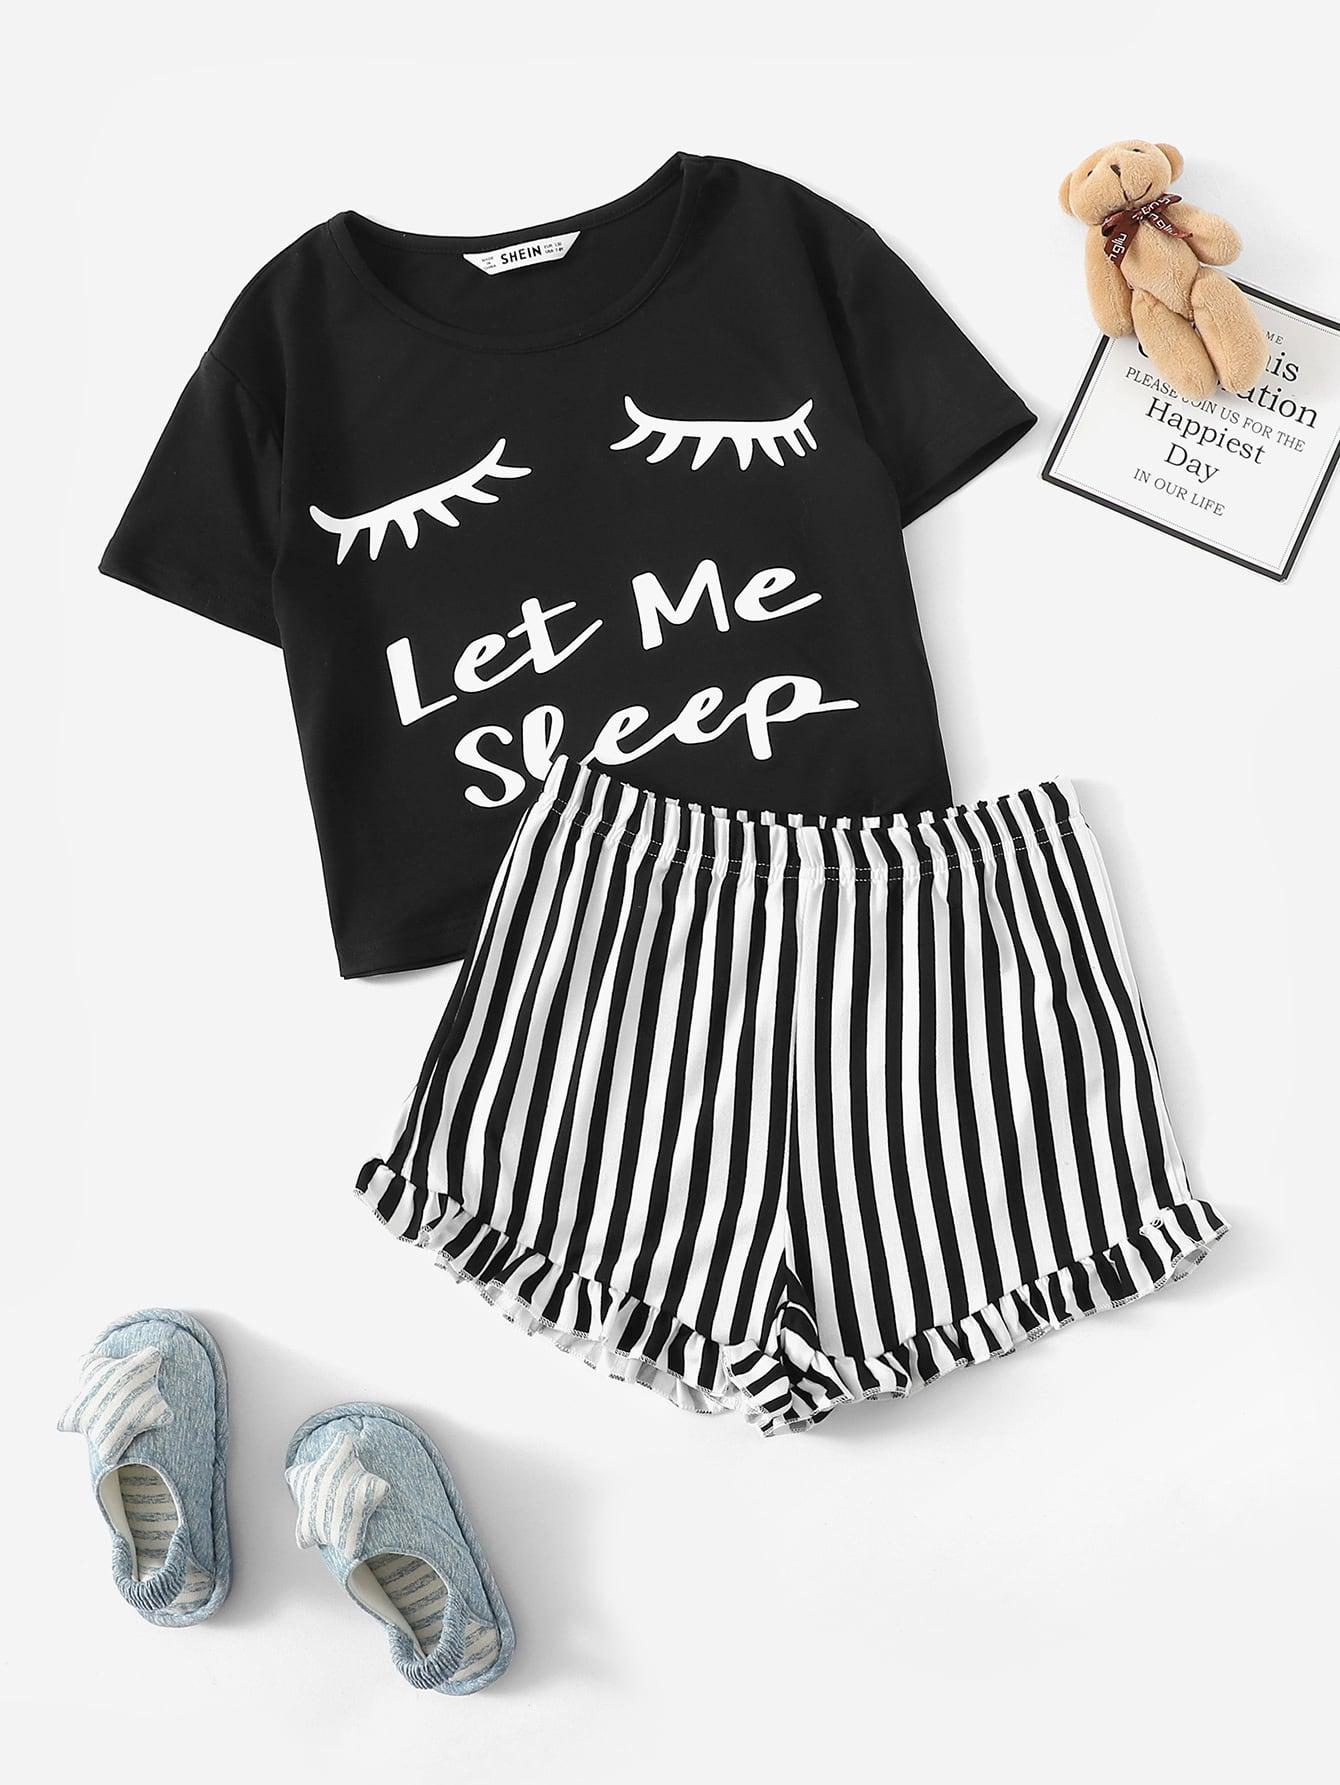 Купить Пижамный комплект топ с текстовым принтом и шорты в полоску для девочек, null, SheIn